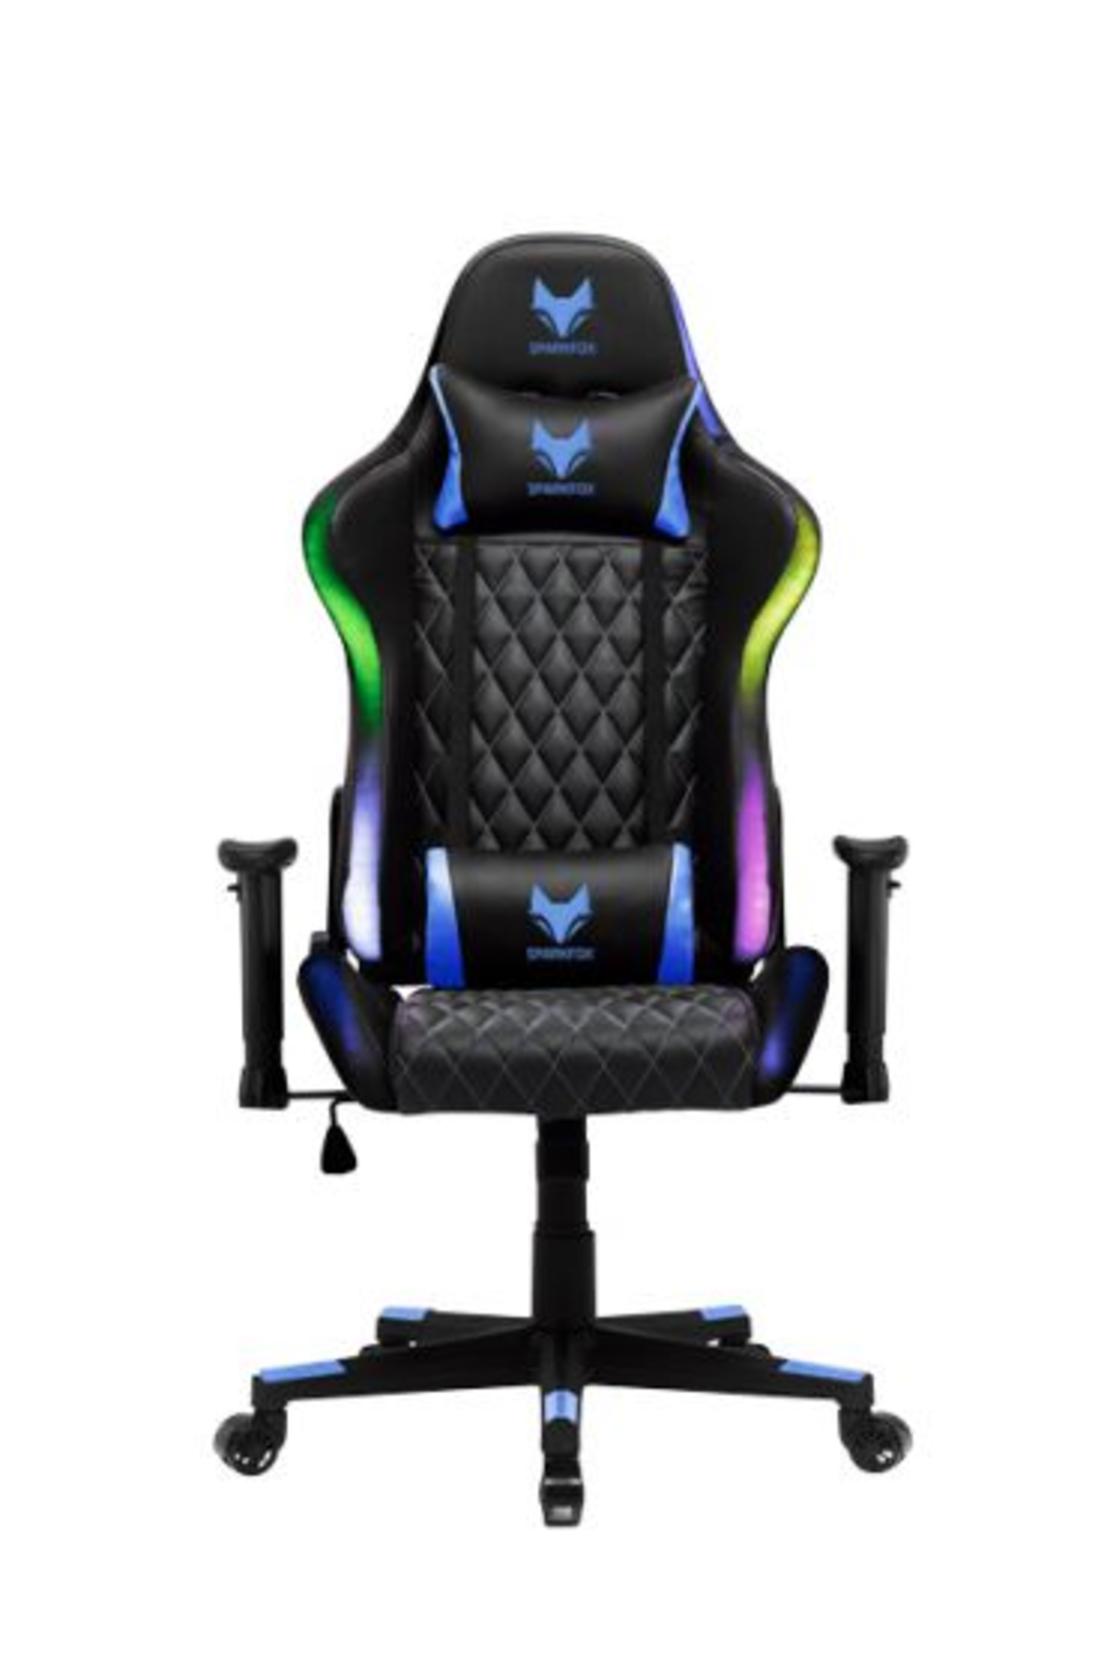 מושב גיימינג מקצועי תאורת לד RGB - GT ELITE SPARKFOX GC65E שחור/כחול